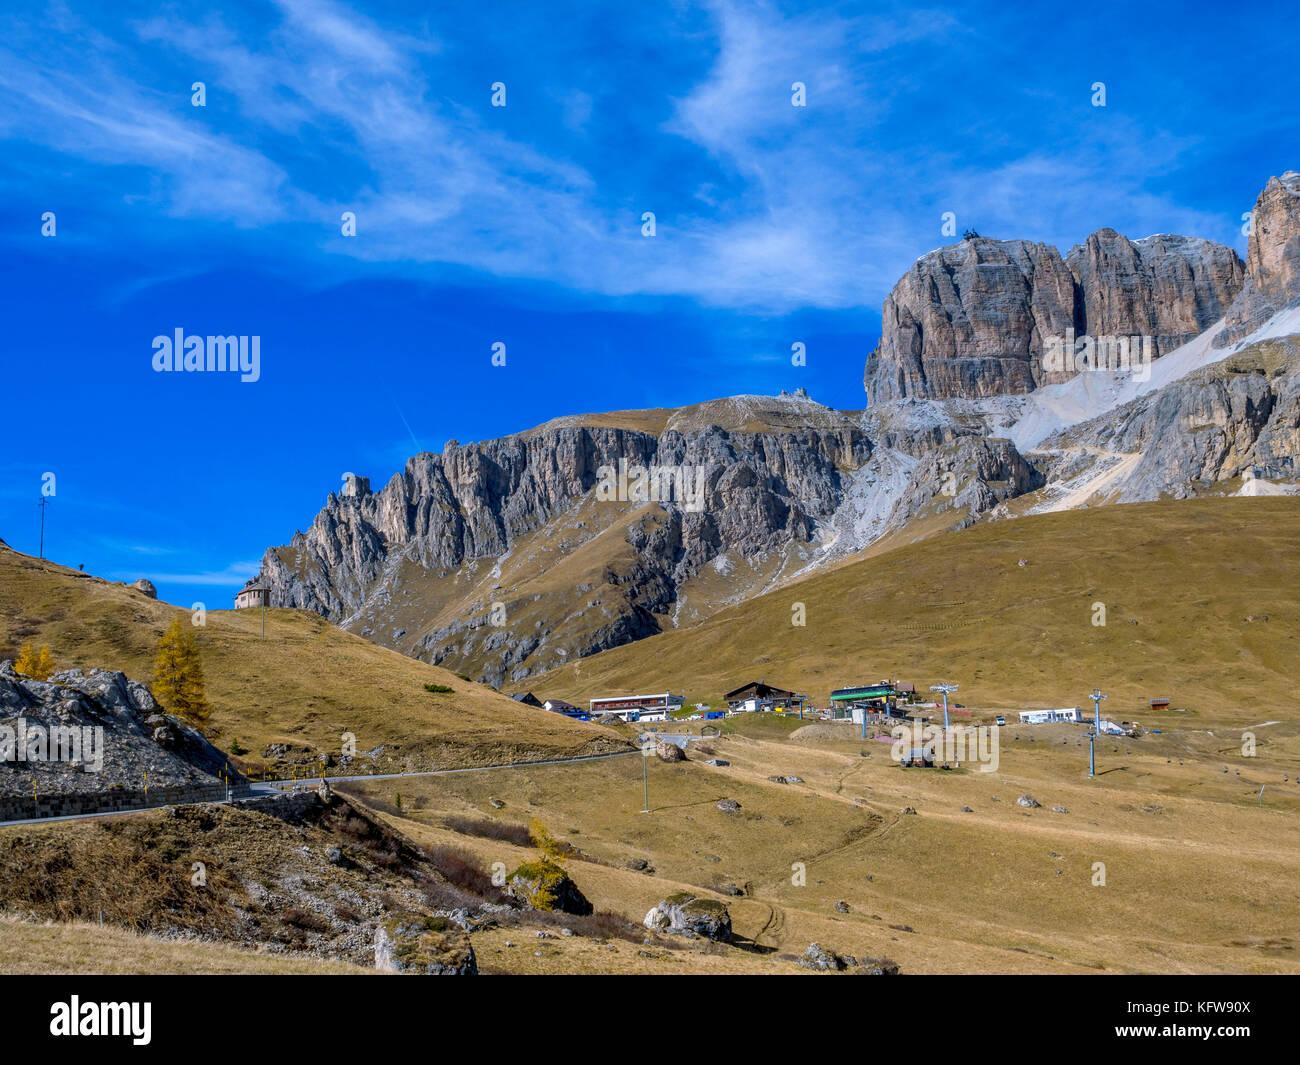 Mountain landscape on Pordoi Pass, Dolomites, South Tyrol, Italy, Europe - Stock Image